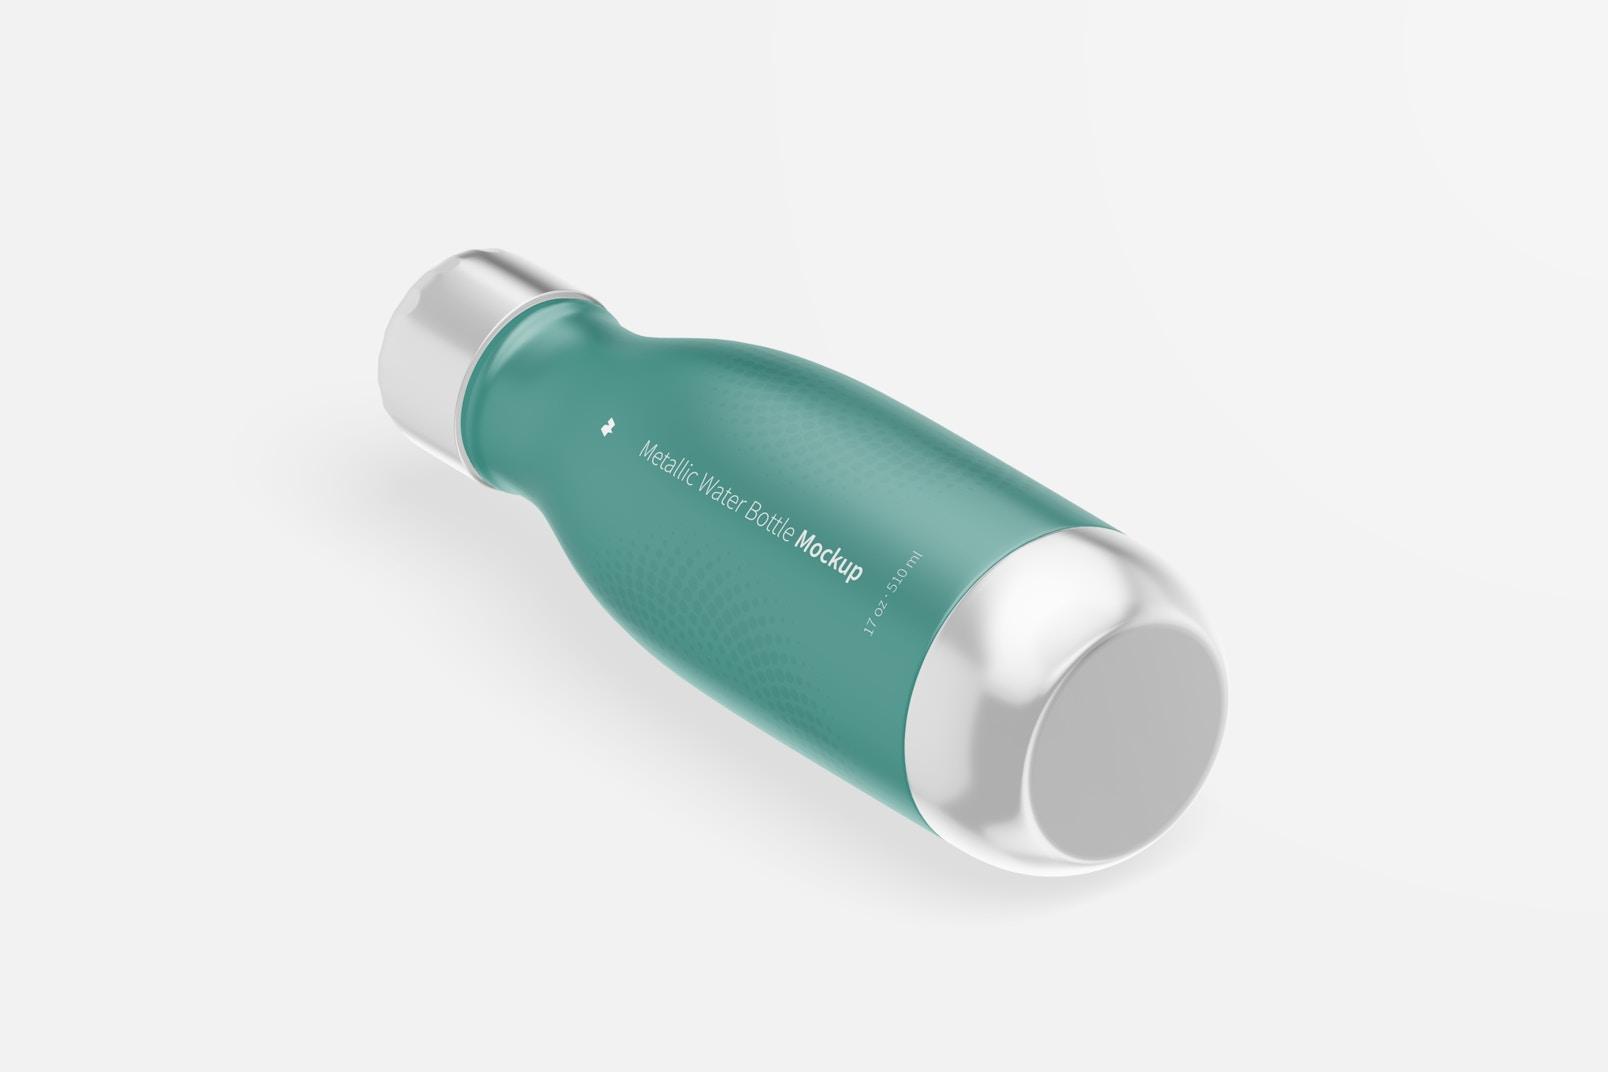 17 oz Metallic Water Bottles Mockup, Isometric Left View